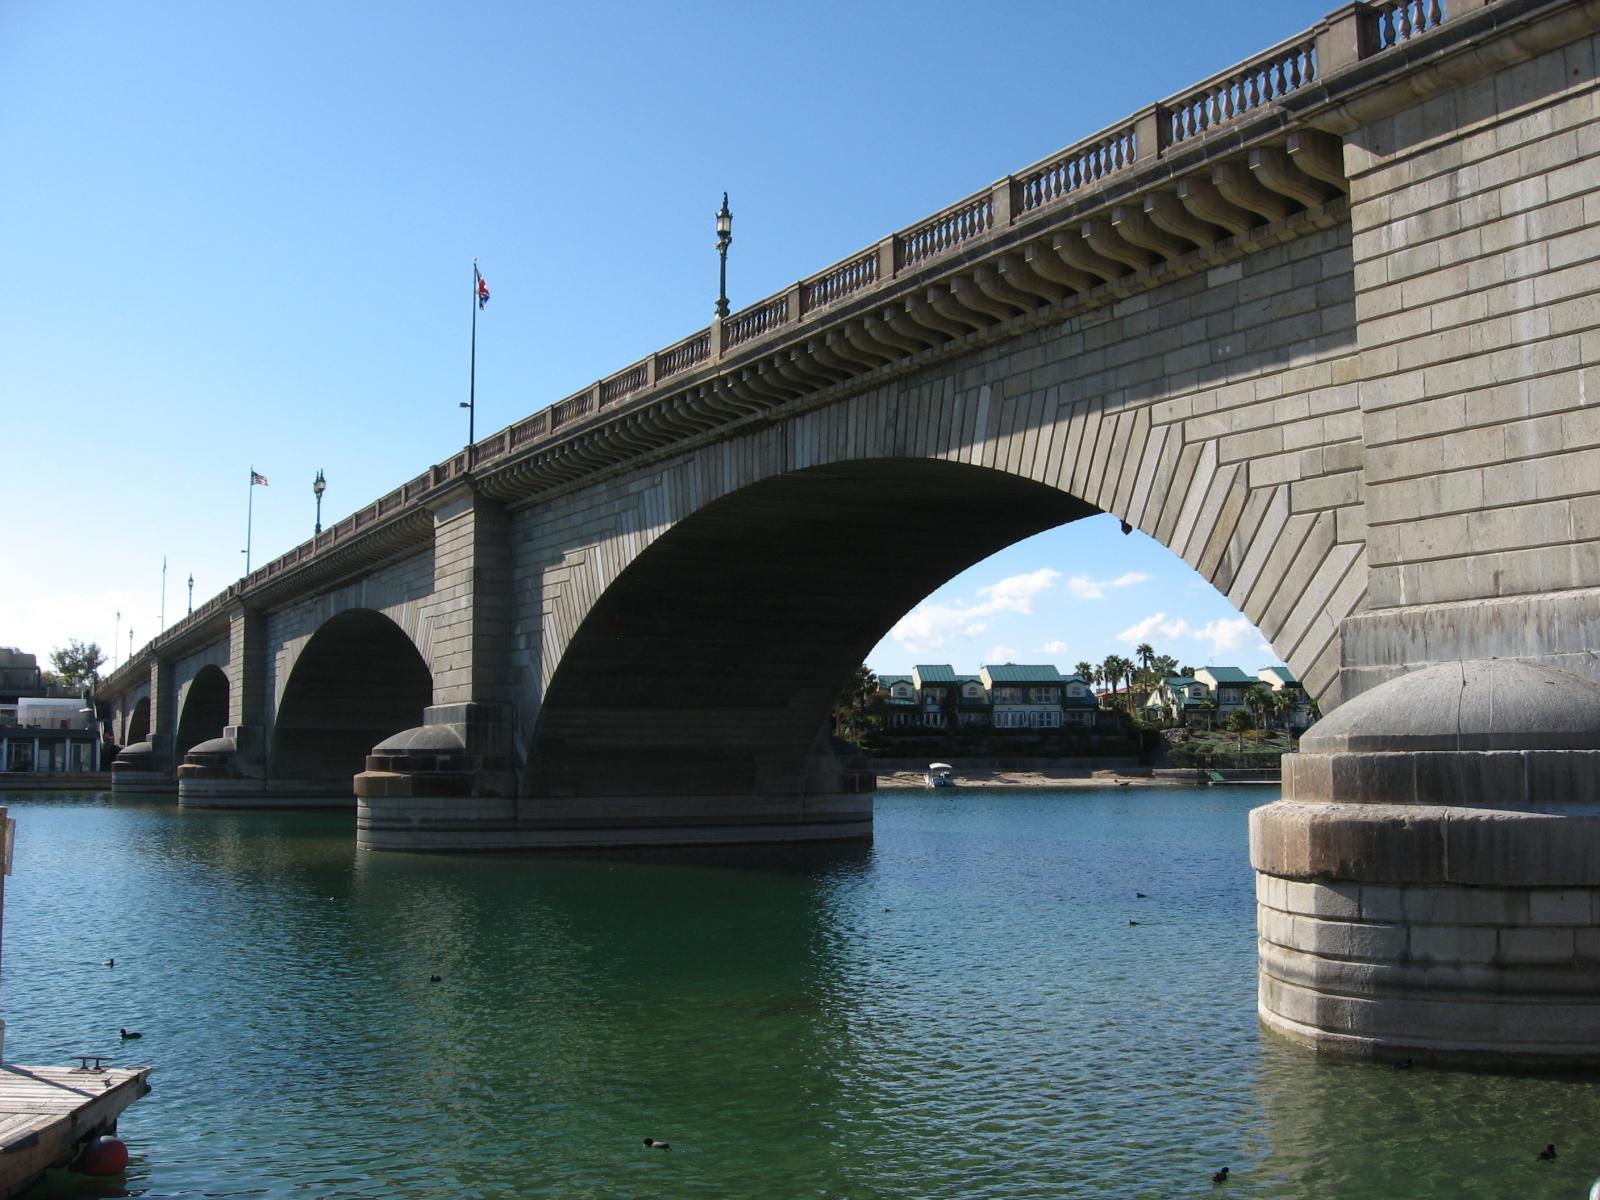 El puente de Londres Lake Havasu, AZ Estados Unidos